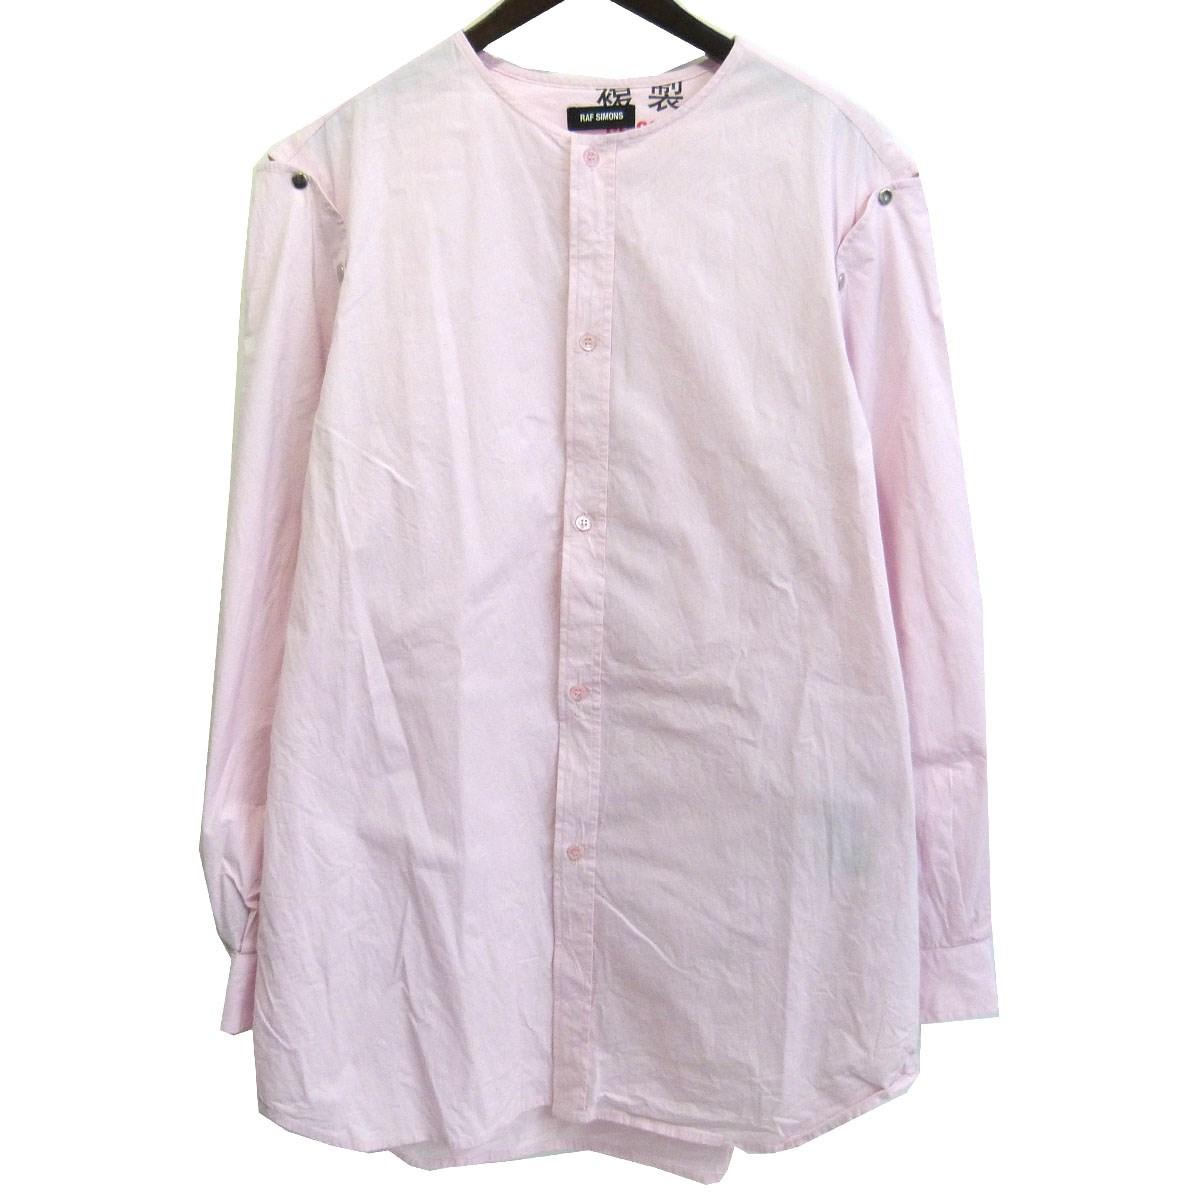 【中古】RAF SIMONS 18SS ノーカラーデザインシャツ ピンク サイズ:46 【010320】(ラフシモンズ)